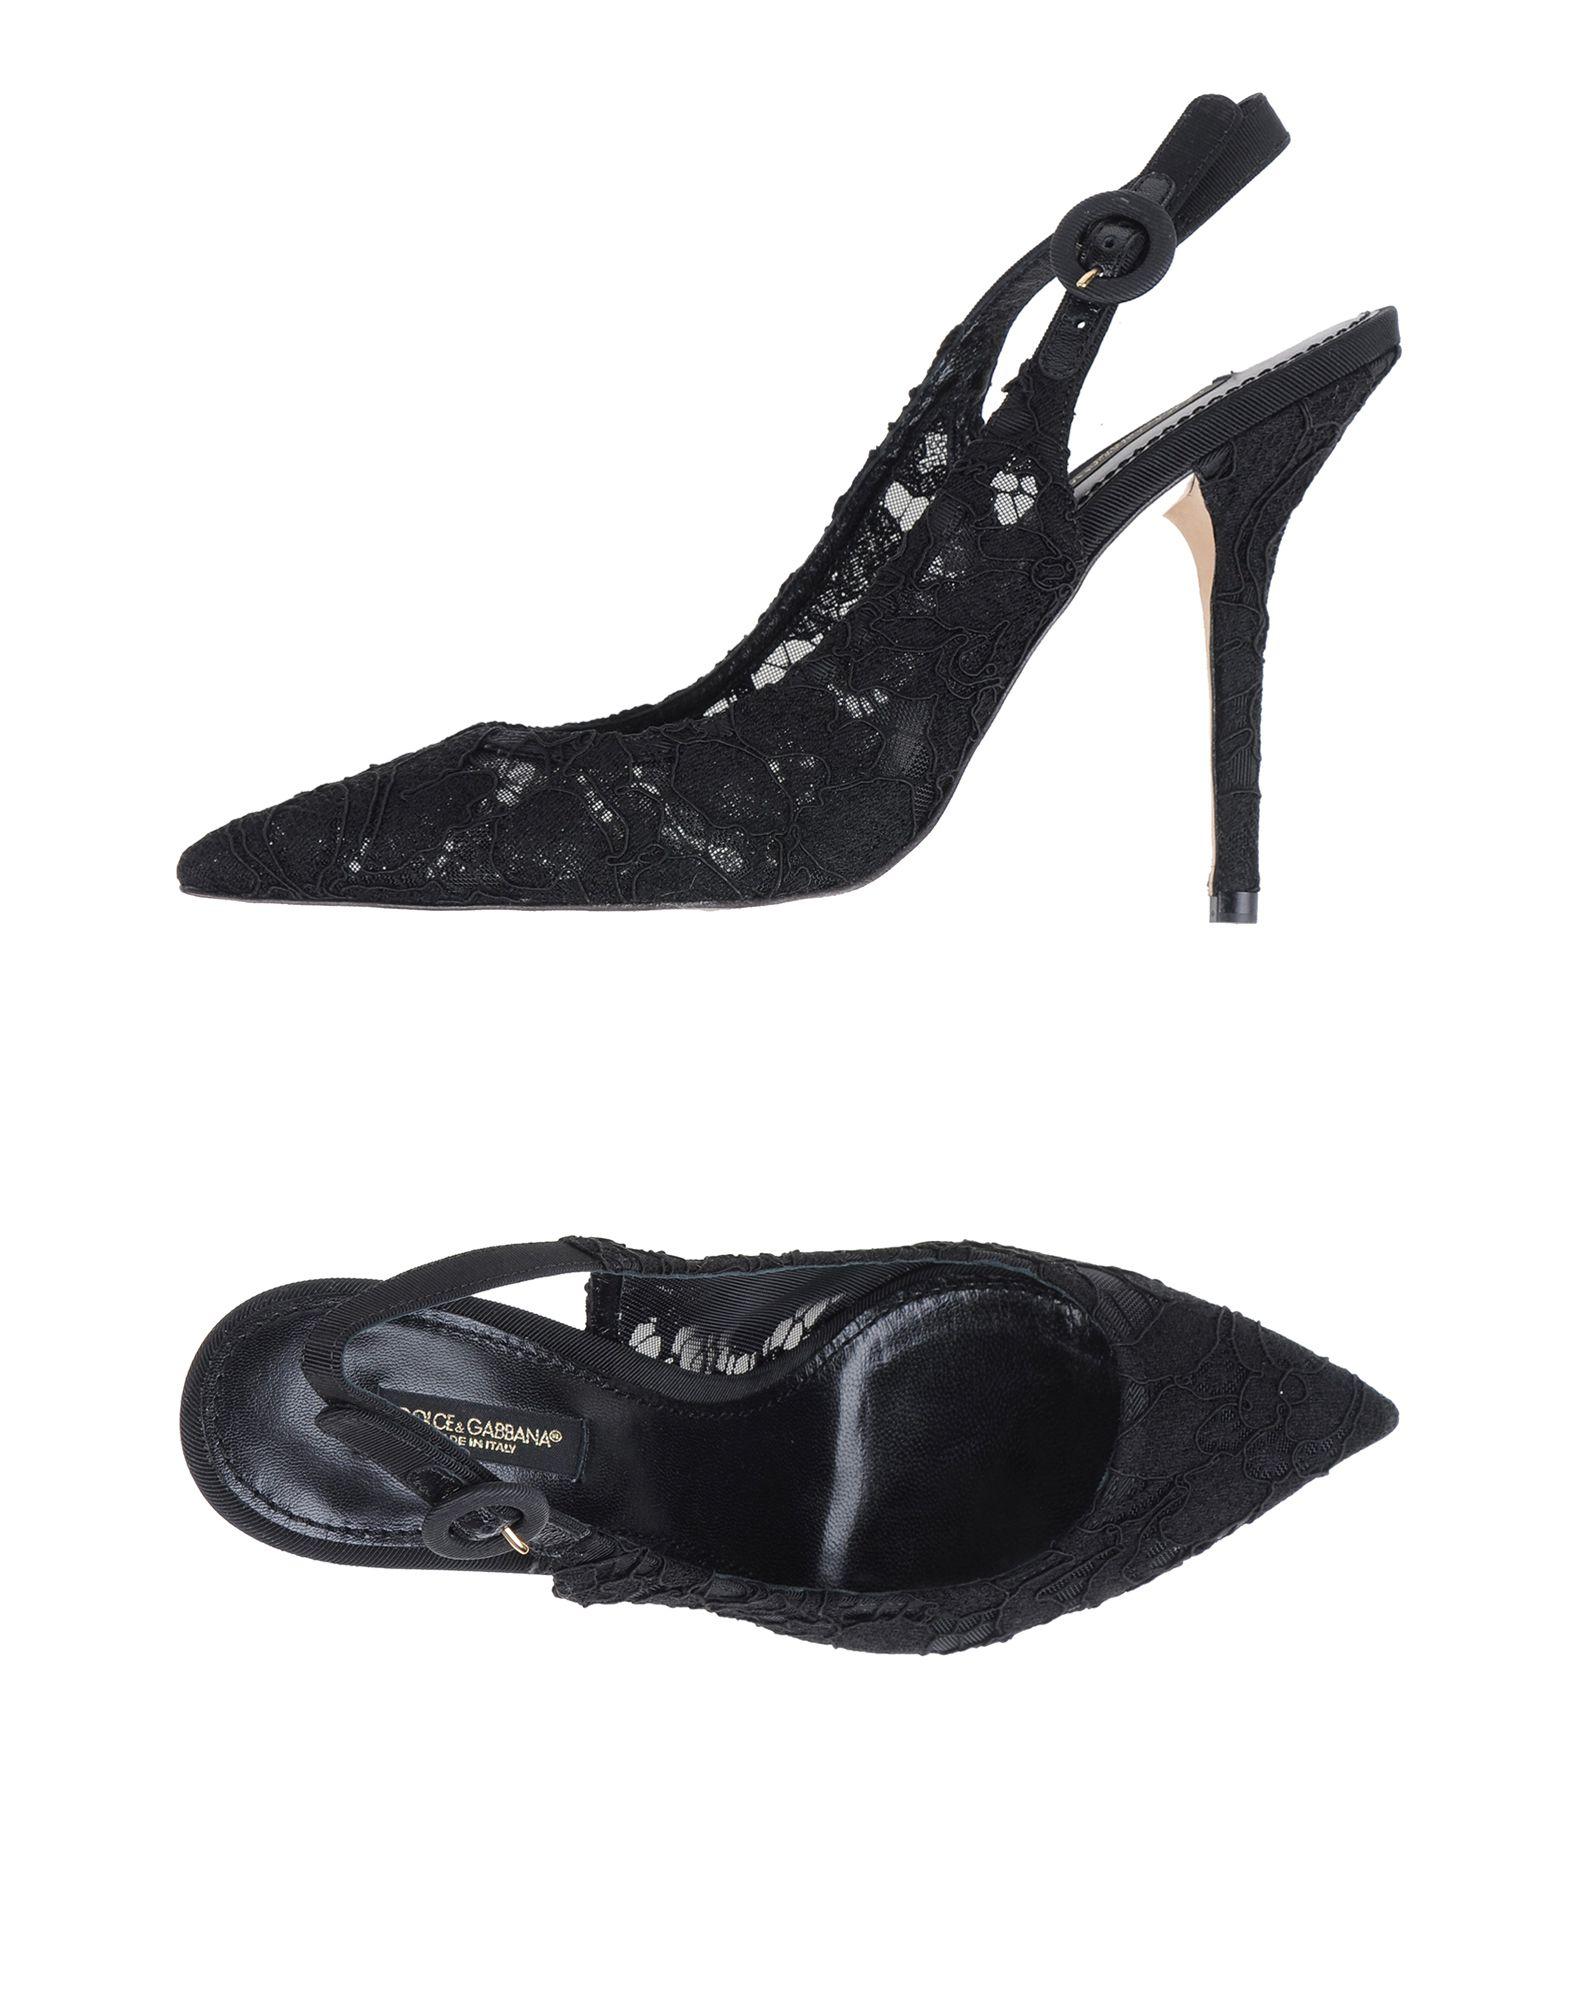 Dolce Gutes & Gabbana Pumps Damen Gutes Dolce Preis-Leistungs-Verhältnis, es lohnt sich,Sonderangebot-16849 2de35b